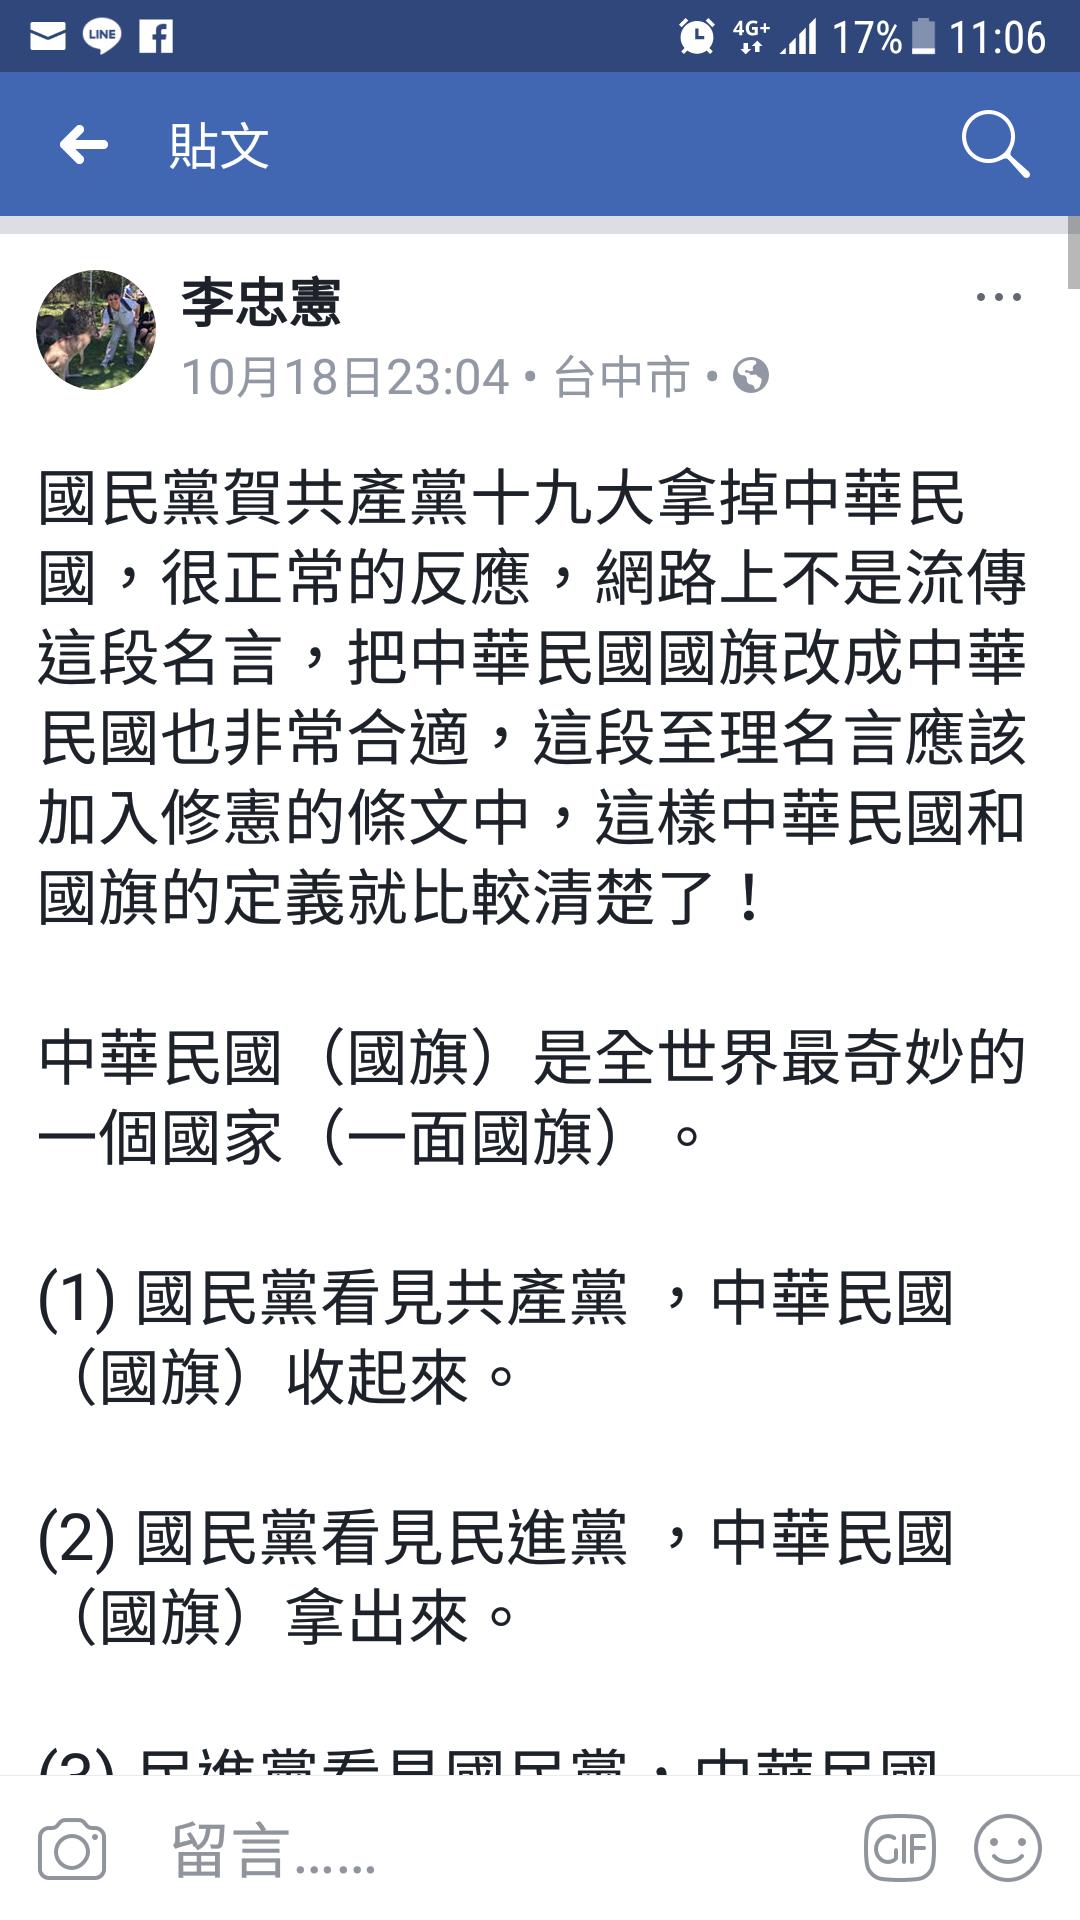 成大教授李忠憲在臉書上把國民黨給19大賀電一事做成酒拳歌,網友按讚。圖/取自臉書